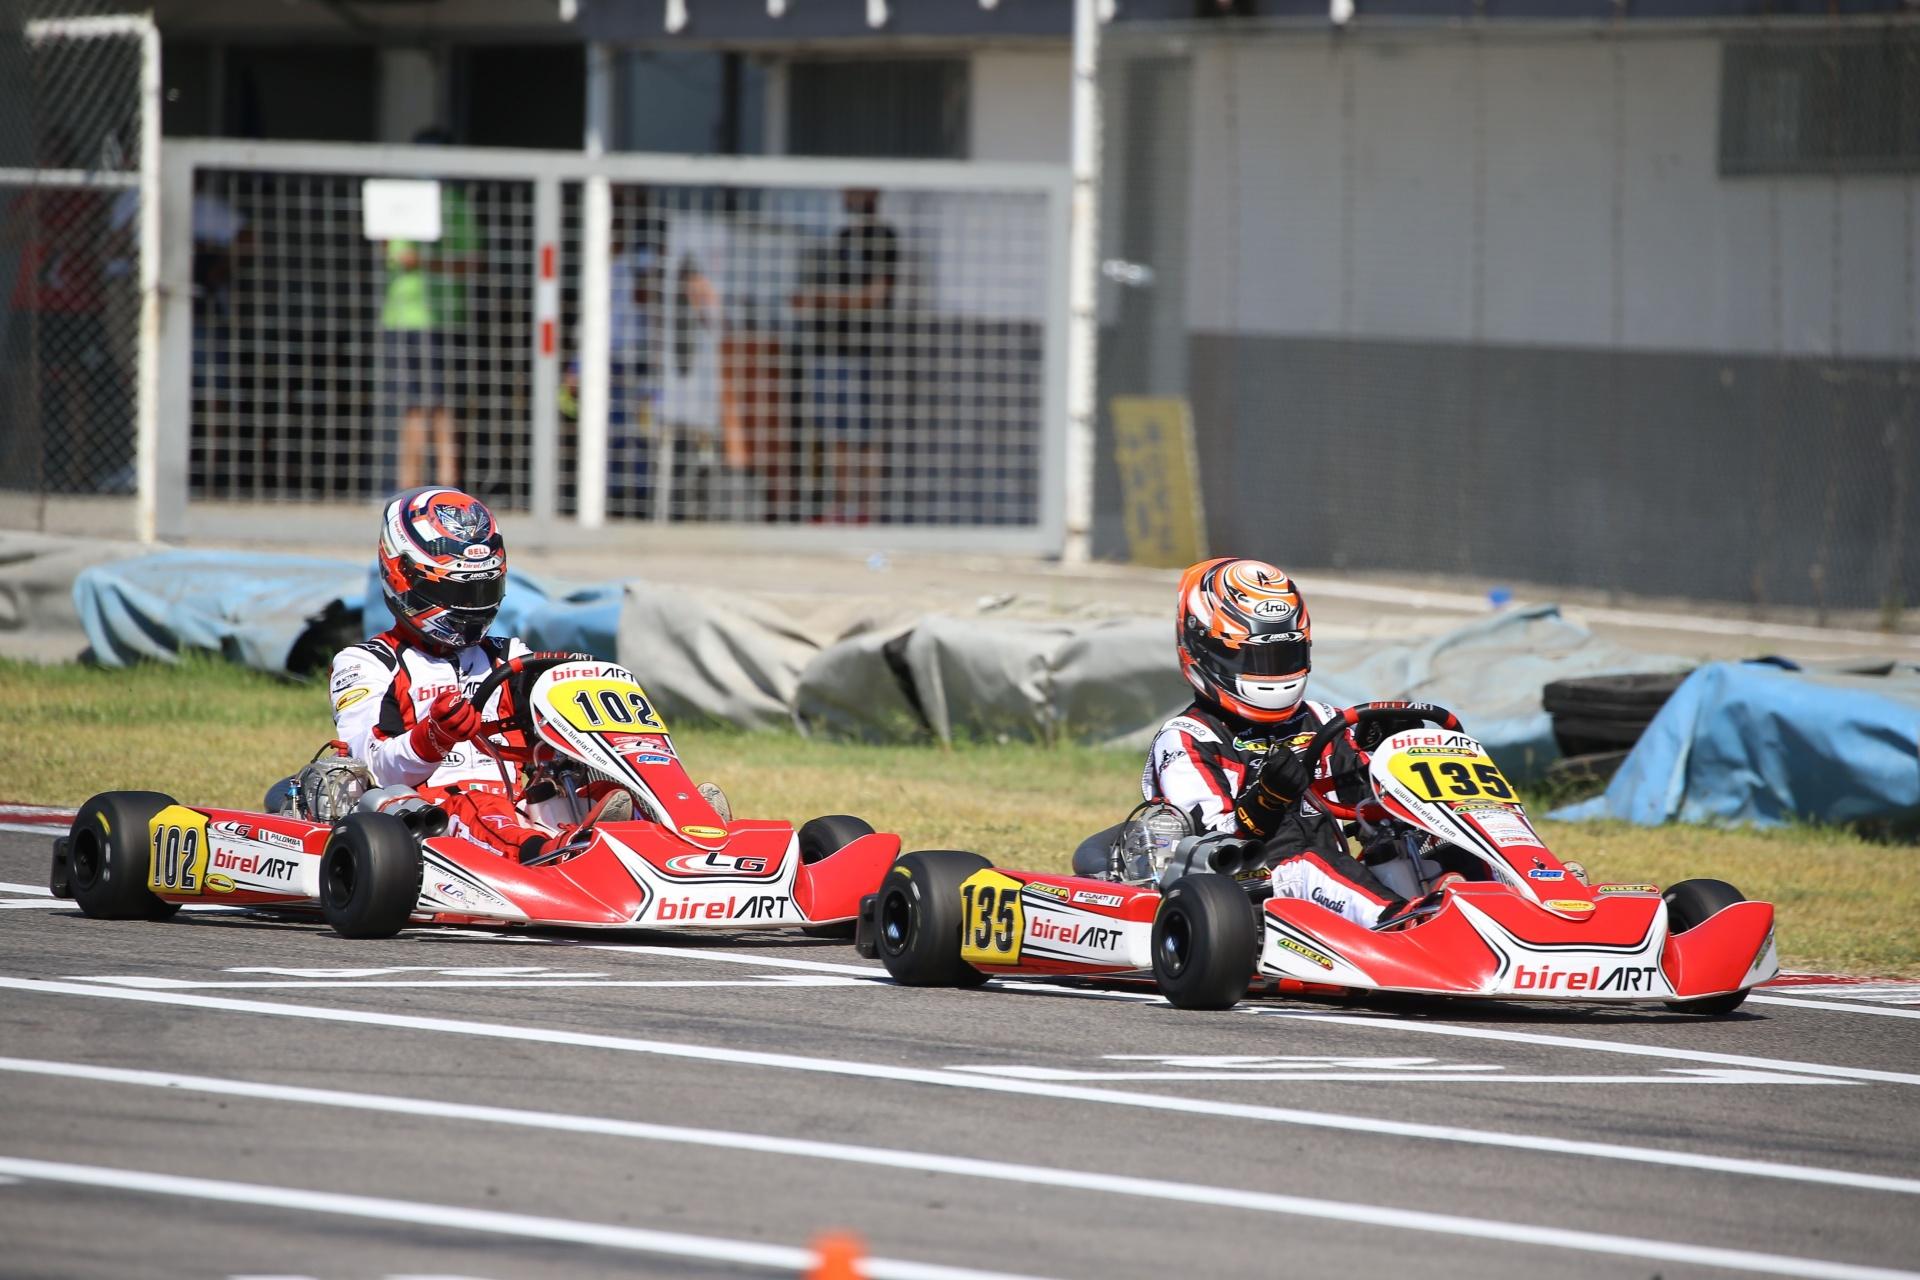 Campionato Italiano ACI – Weekend rovente sul circuito di Sarno